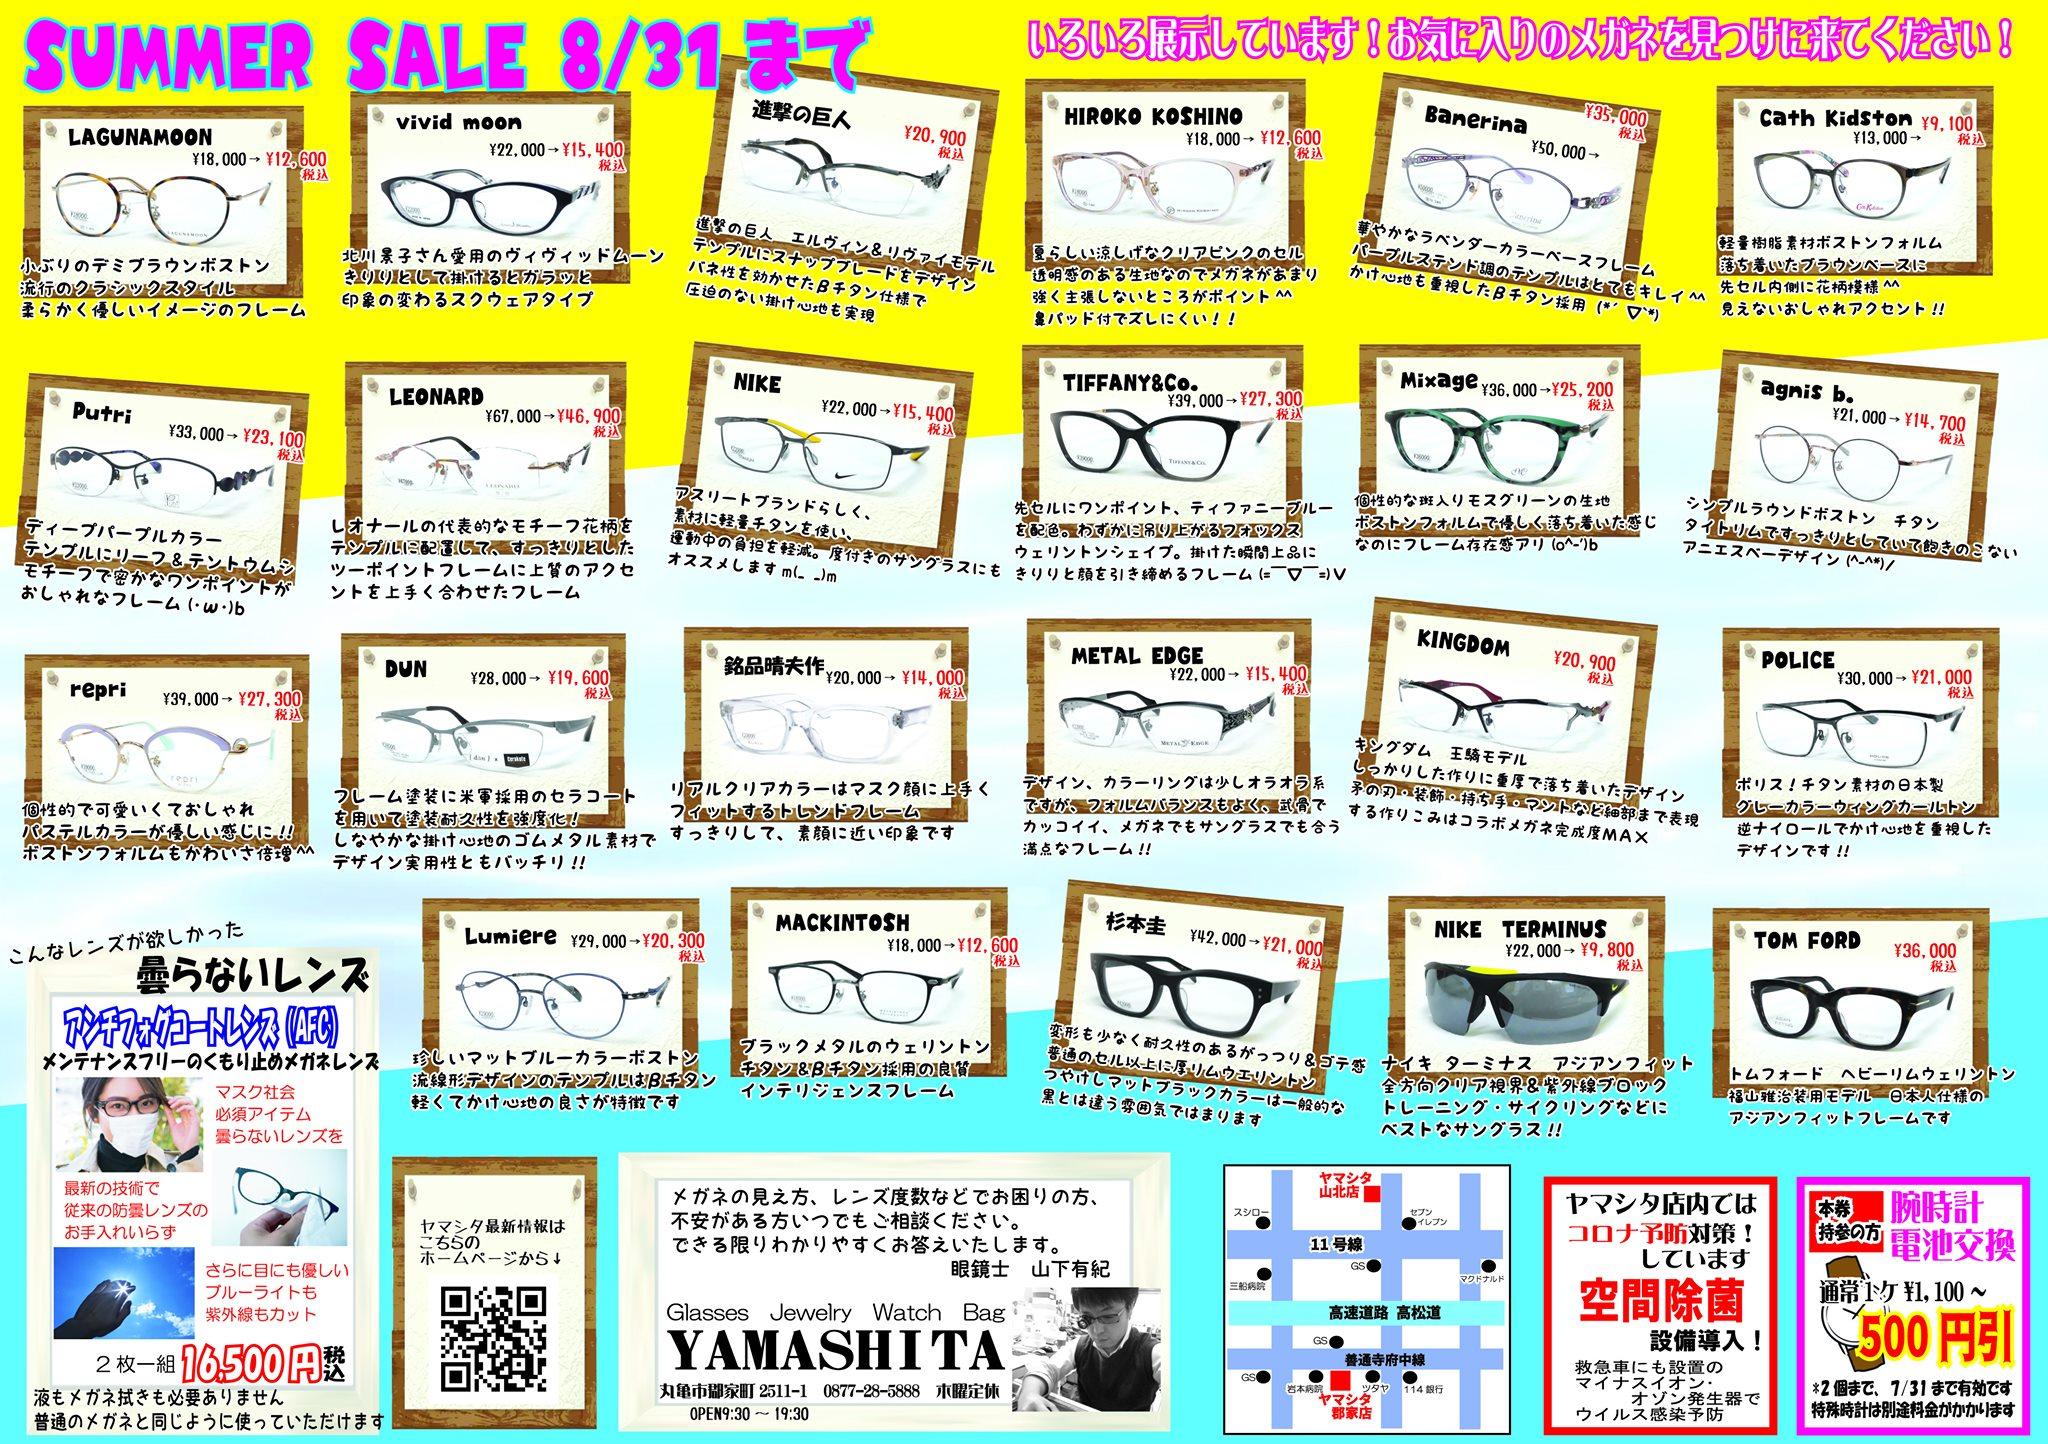 ★~8/31 メガネのサマーセール開催中★スライド01